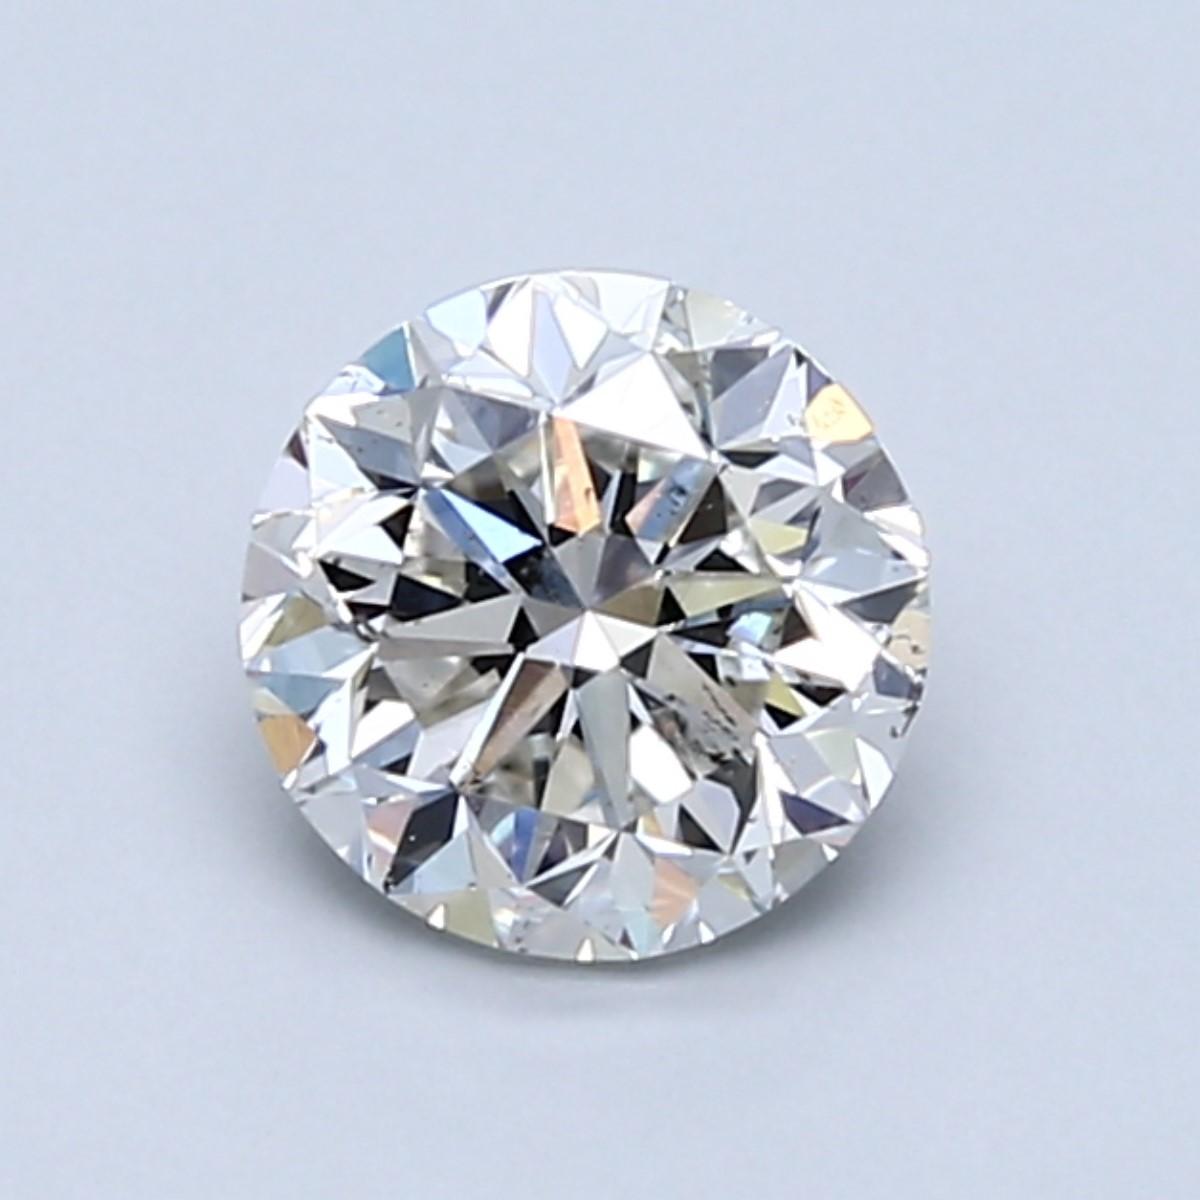 Blue Nile 1.01克拉圆形切割钻石(切工良好 成色I 净度SI1)